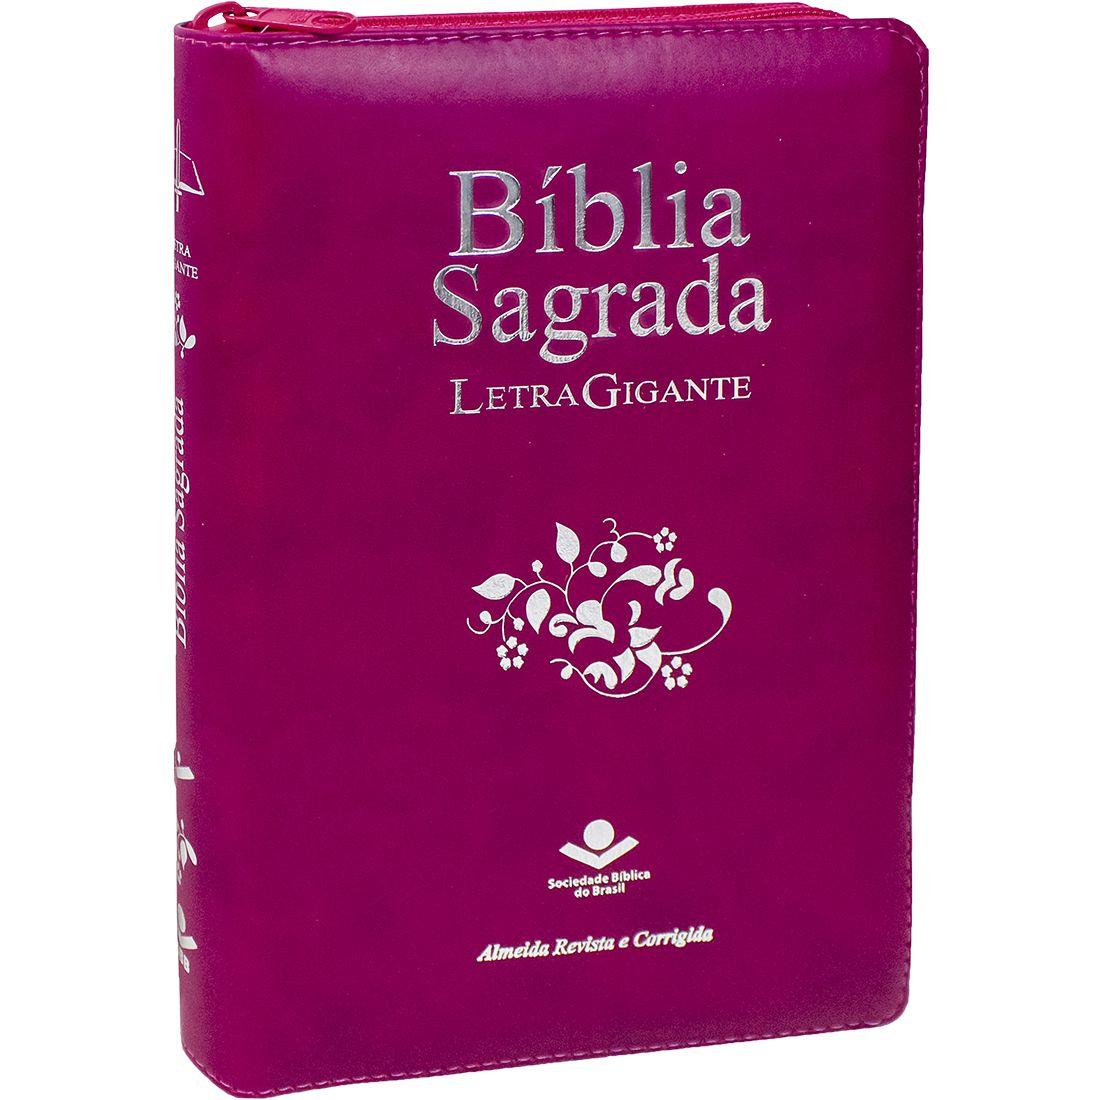 Bíblia Sagrada Letra Gigante Com Índice Ziper Vinho Luxo Palavras Jesus Em Vermelho ARC